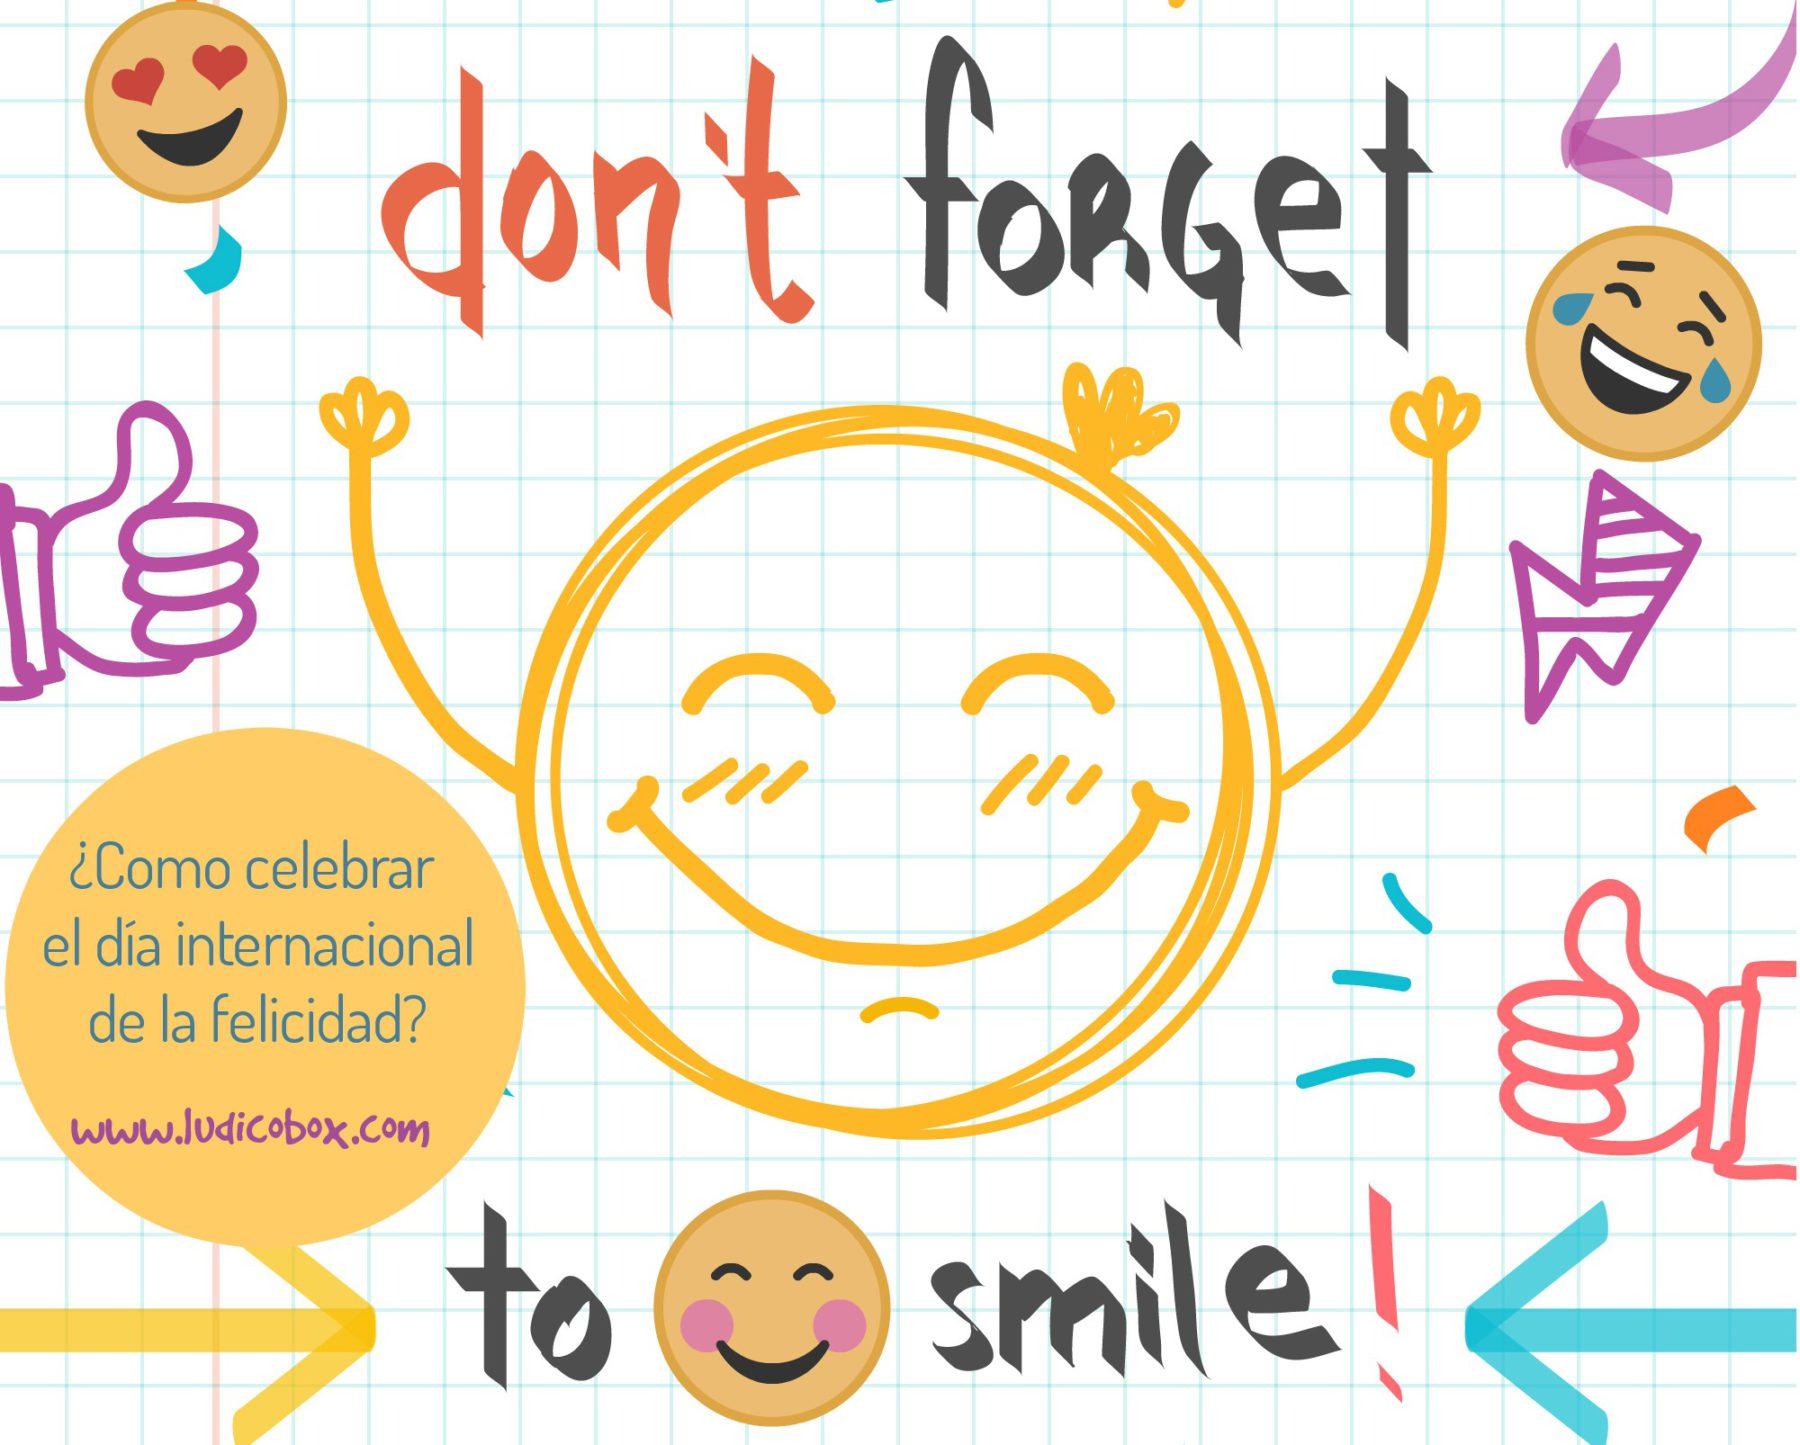 ¿Cómo celebrar el día internacional de la felicidad?